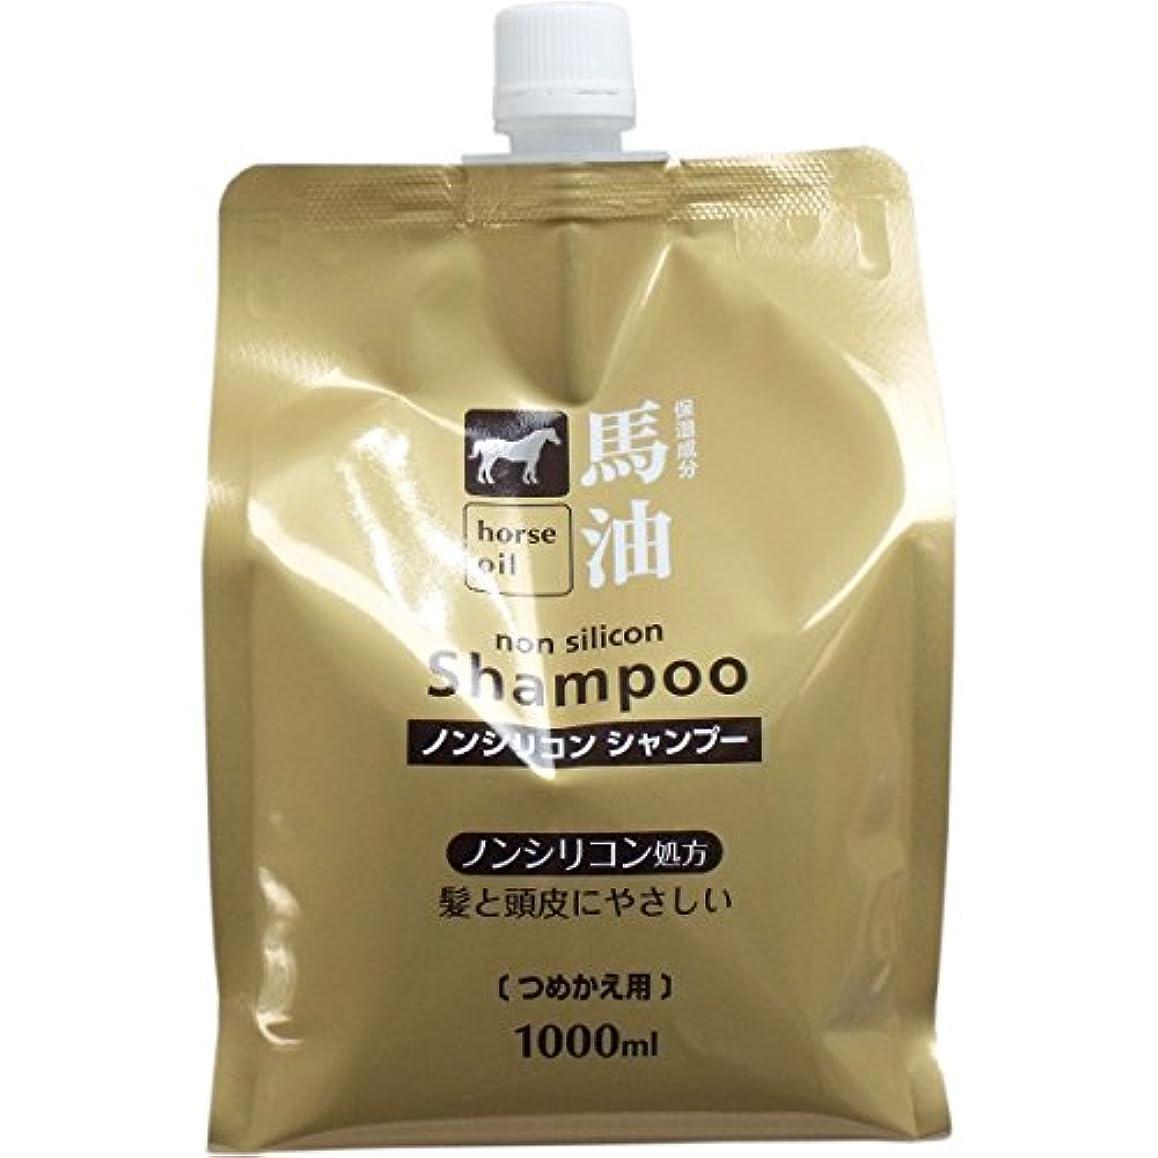 の面では狐縮約熊野油脂 馬油シャンプー 詰め替え用 1000ml×2セット 【 × 5個】